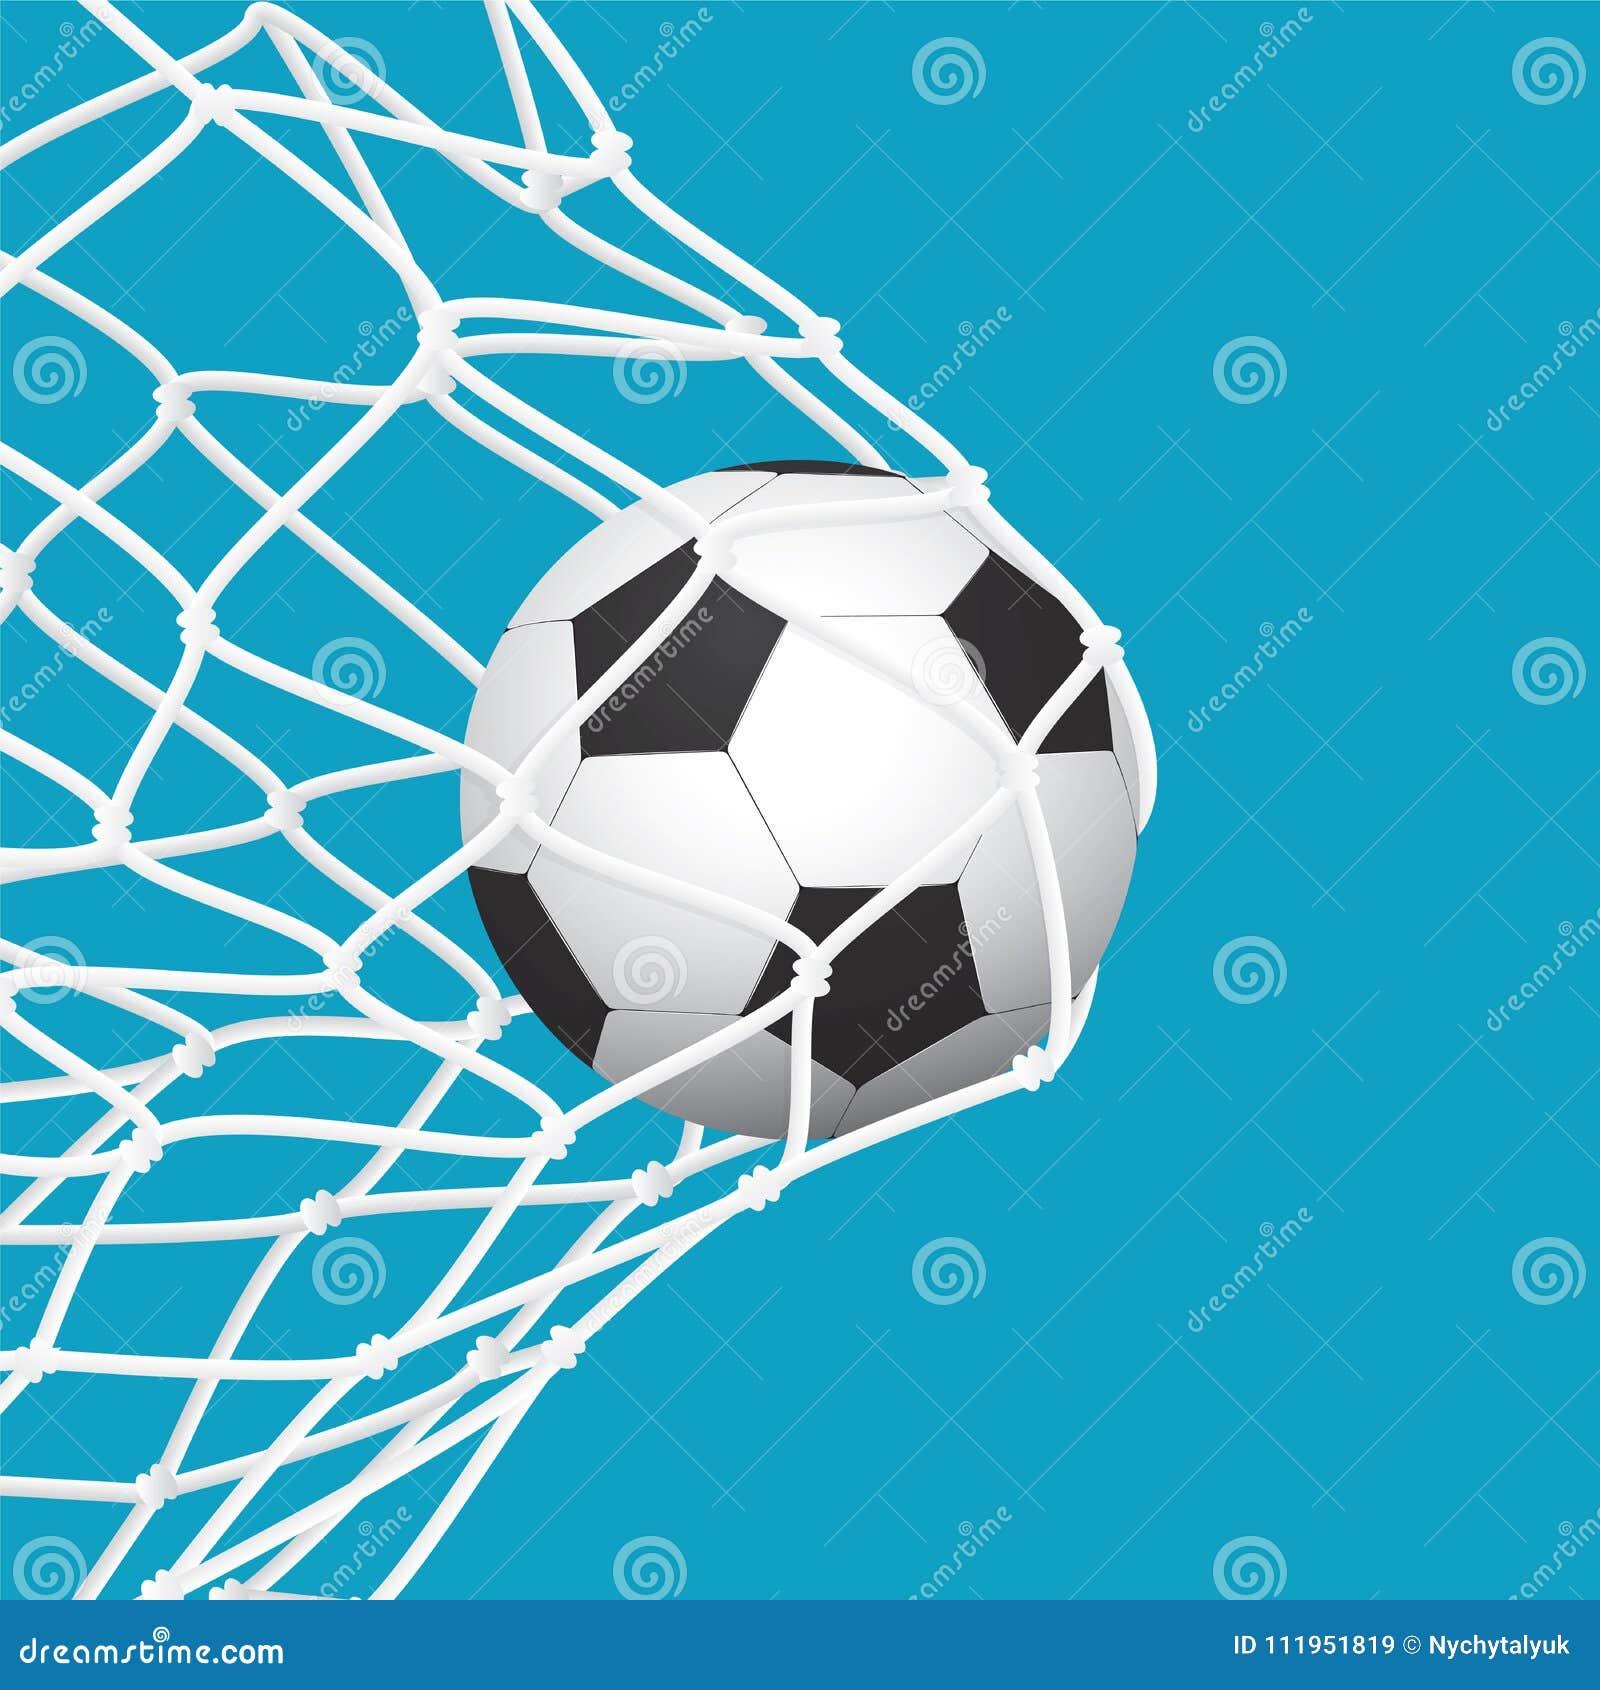 Fussball Fussball Ziel Ball Im Netz Auf Blauem Hintergrund